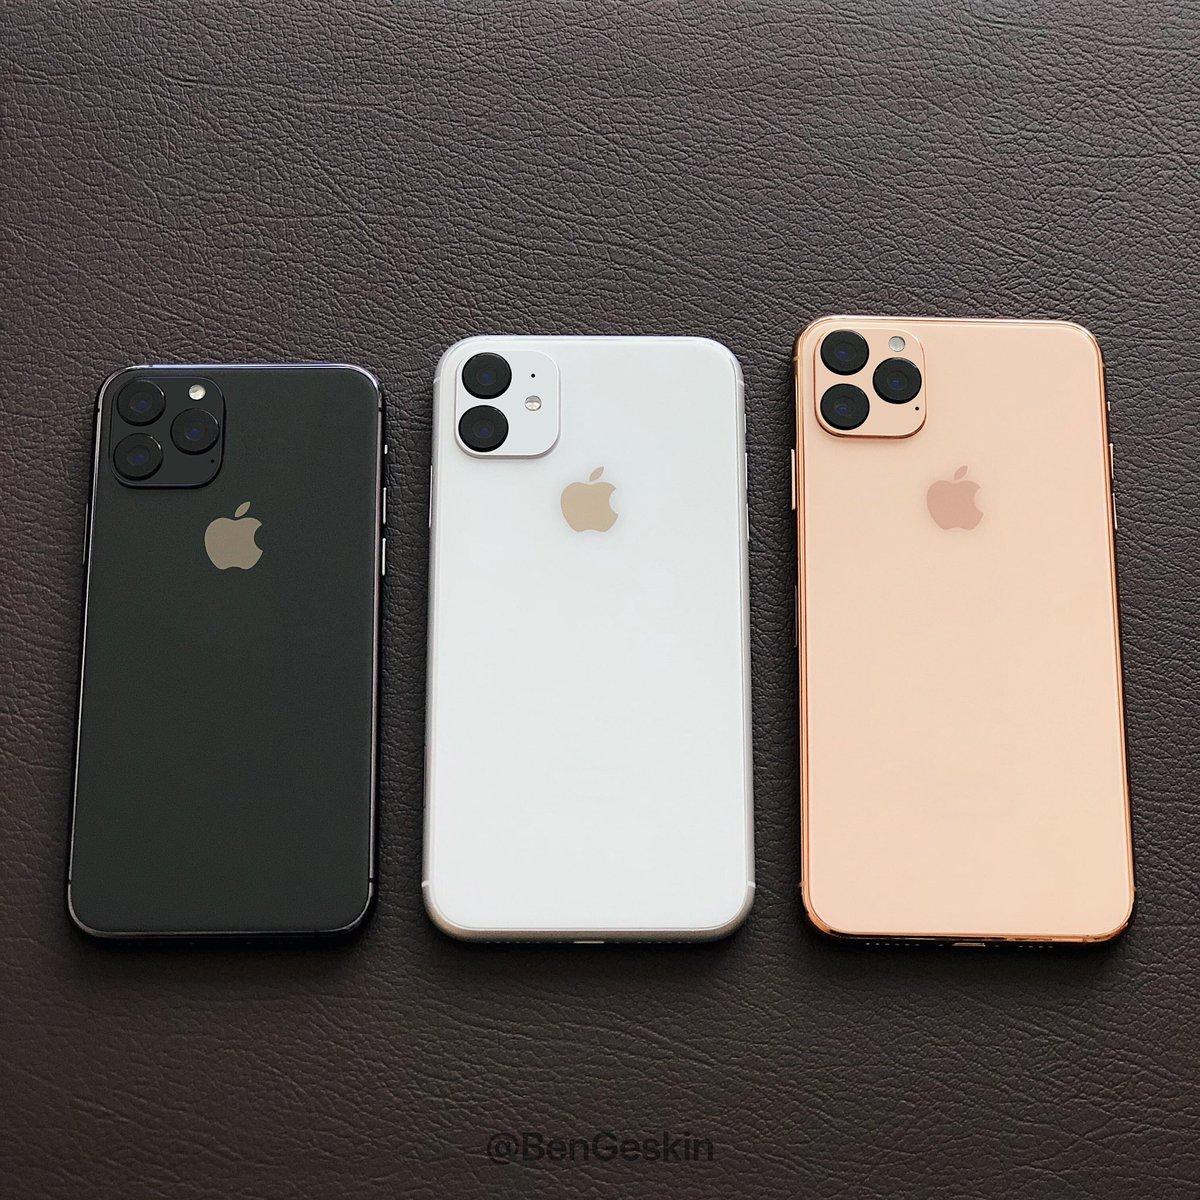 iPhone 11 cena kiedy premiera specyfikacja techniczna kiedy przedsprzedaż plotki przecieki wycieki iOS 13 Apple A13 iPhone Pro